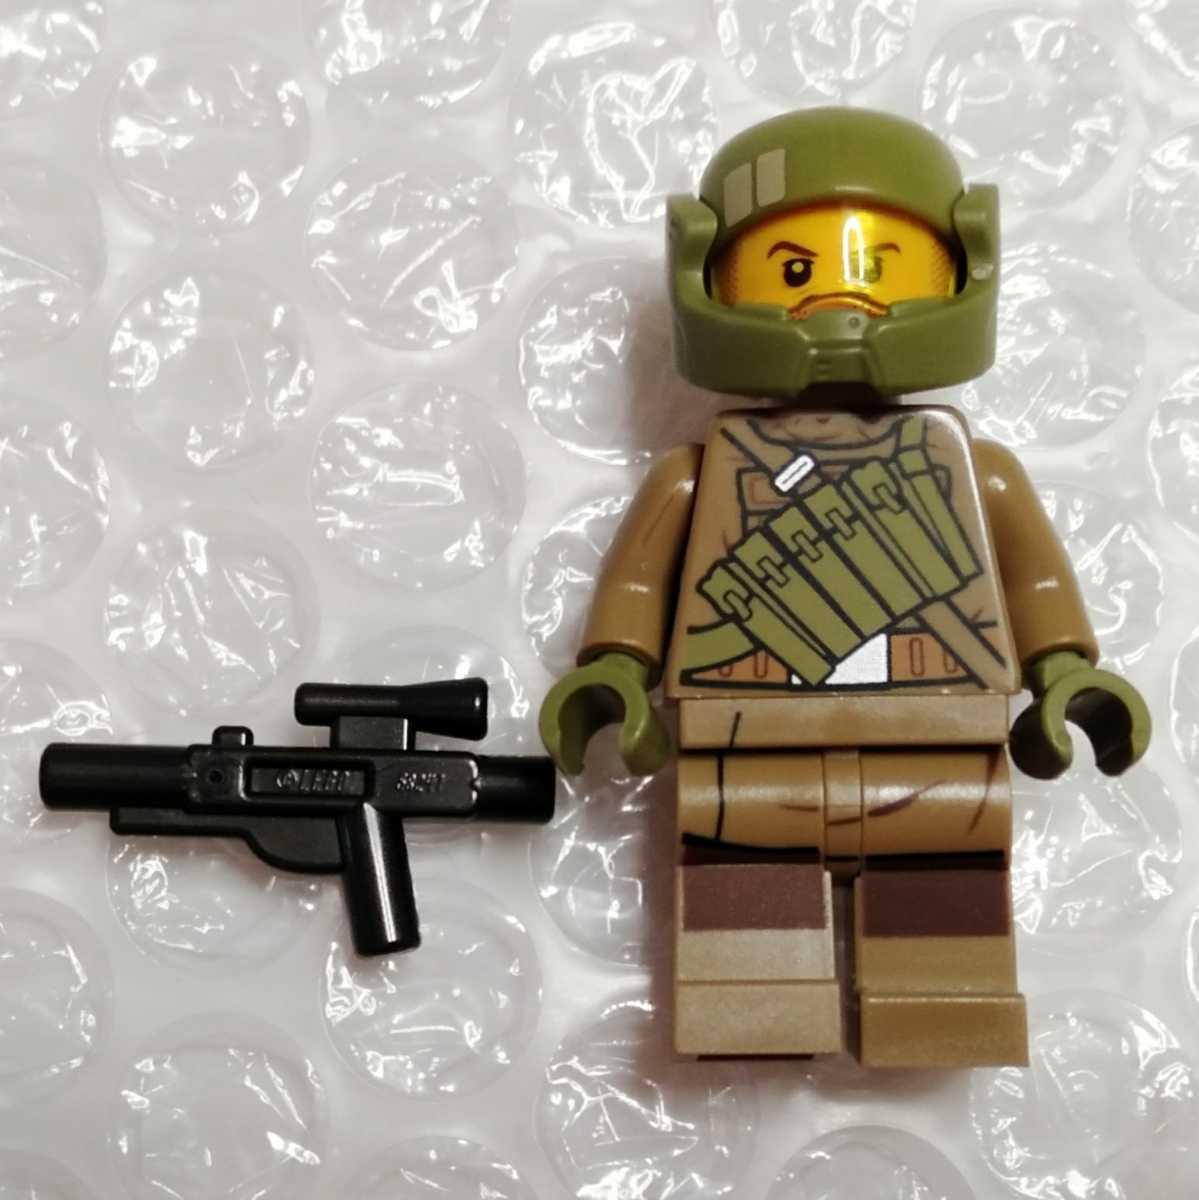 新品 反乱軍トルーパー スター・ウォーズ 75202  LEGO レゴ ブロック 未組み立て レゴブロック 未使用 ミニフィグ フィグ  _画像1